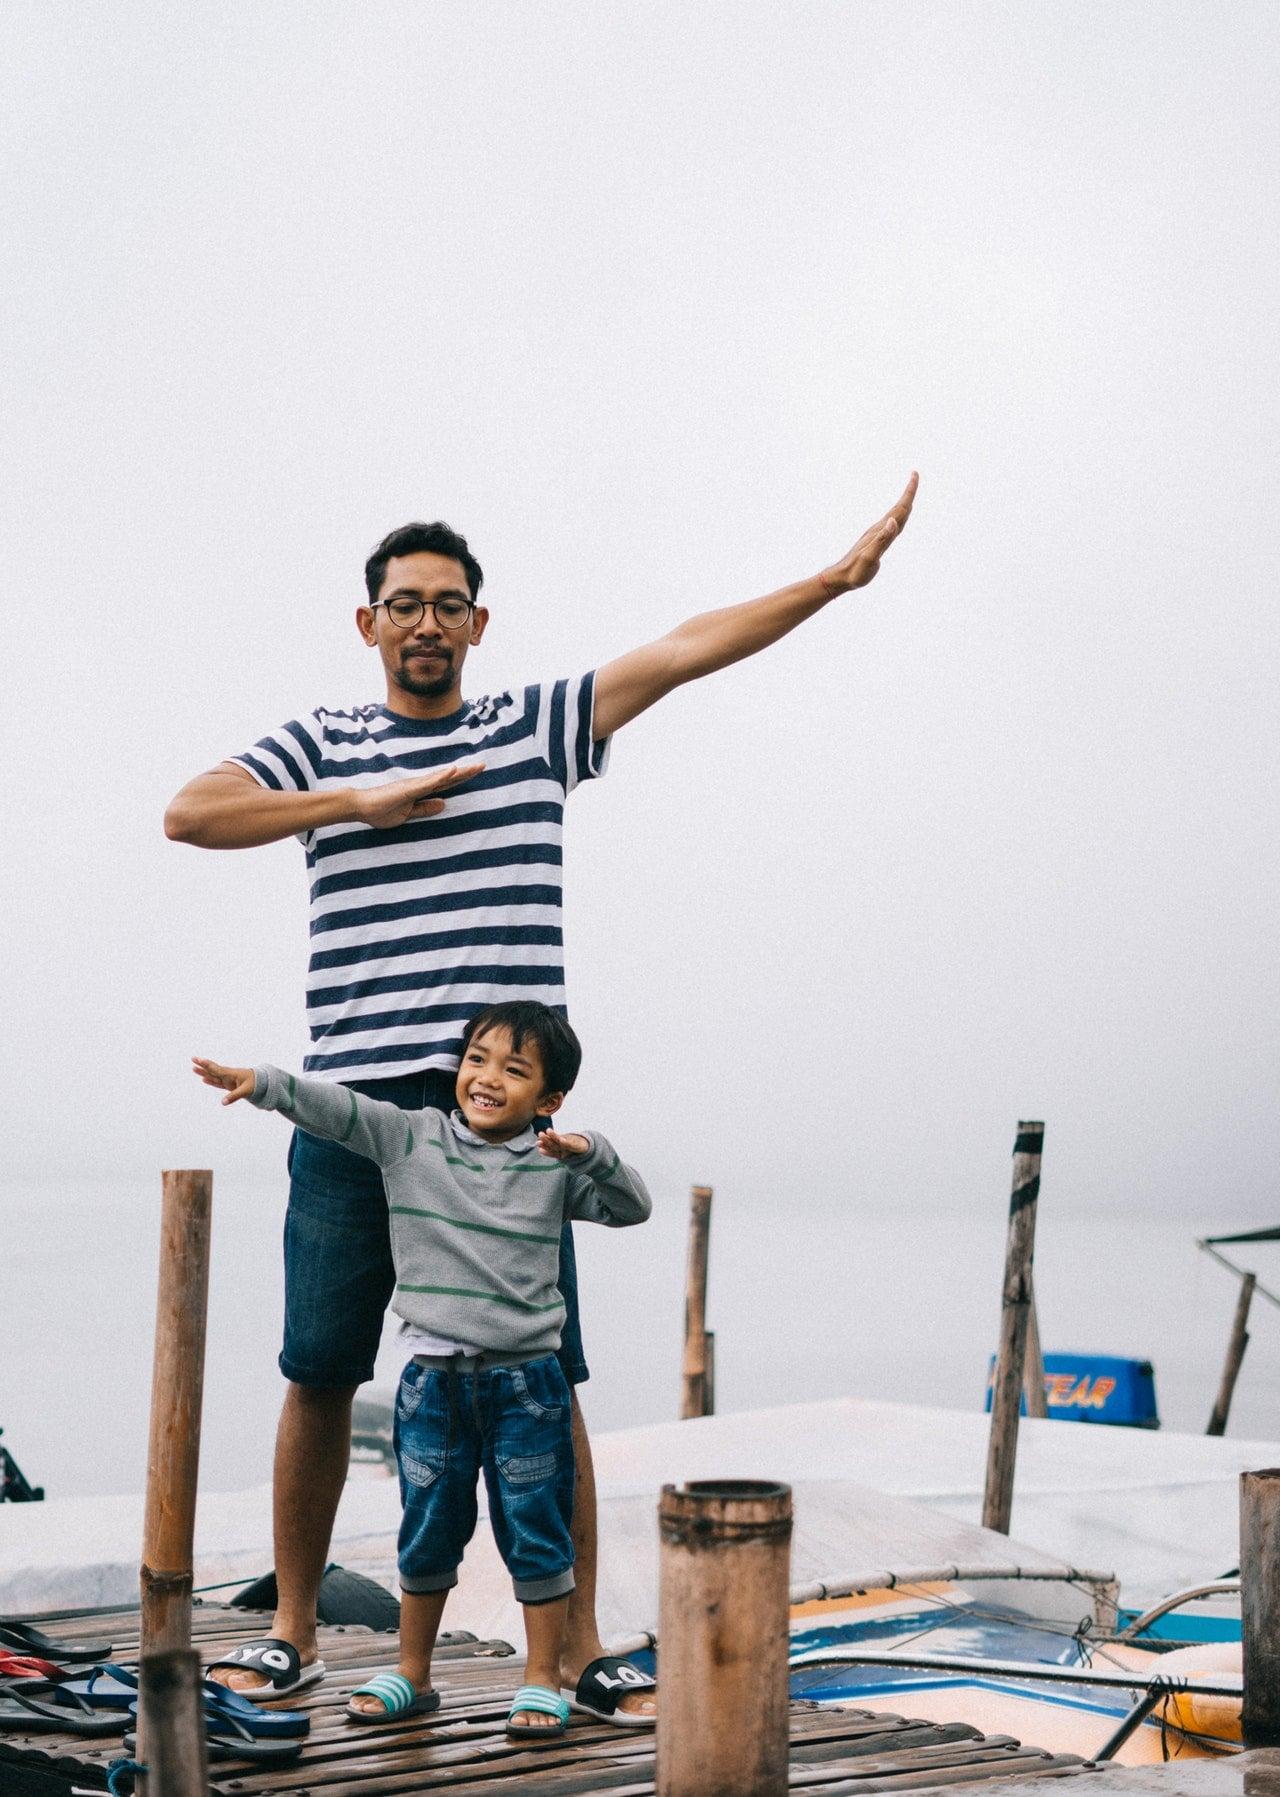 Πώς να δομήσω μια σχέση ασφάλειας και επικοινωνίας με το παιδί μου